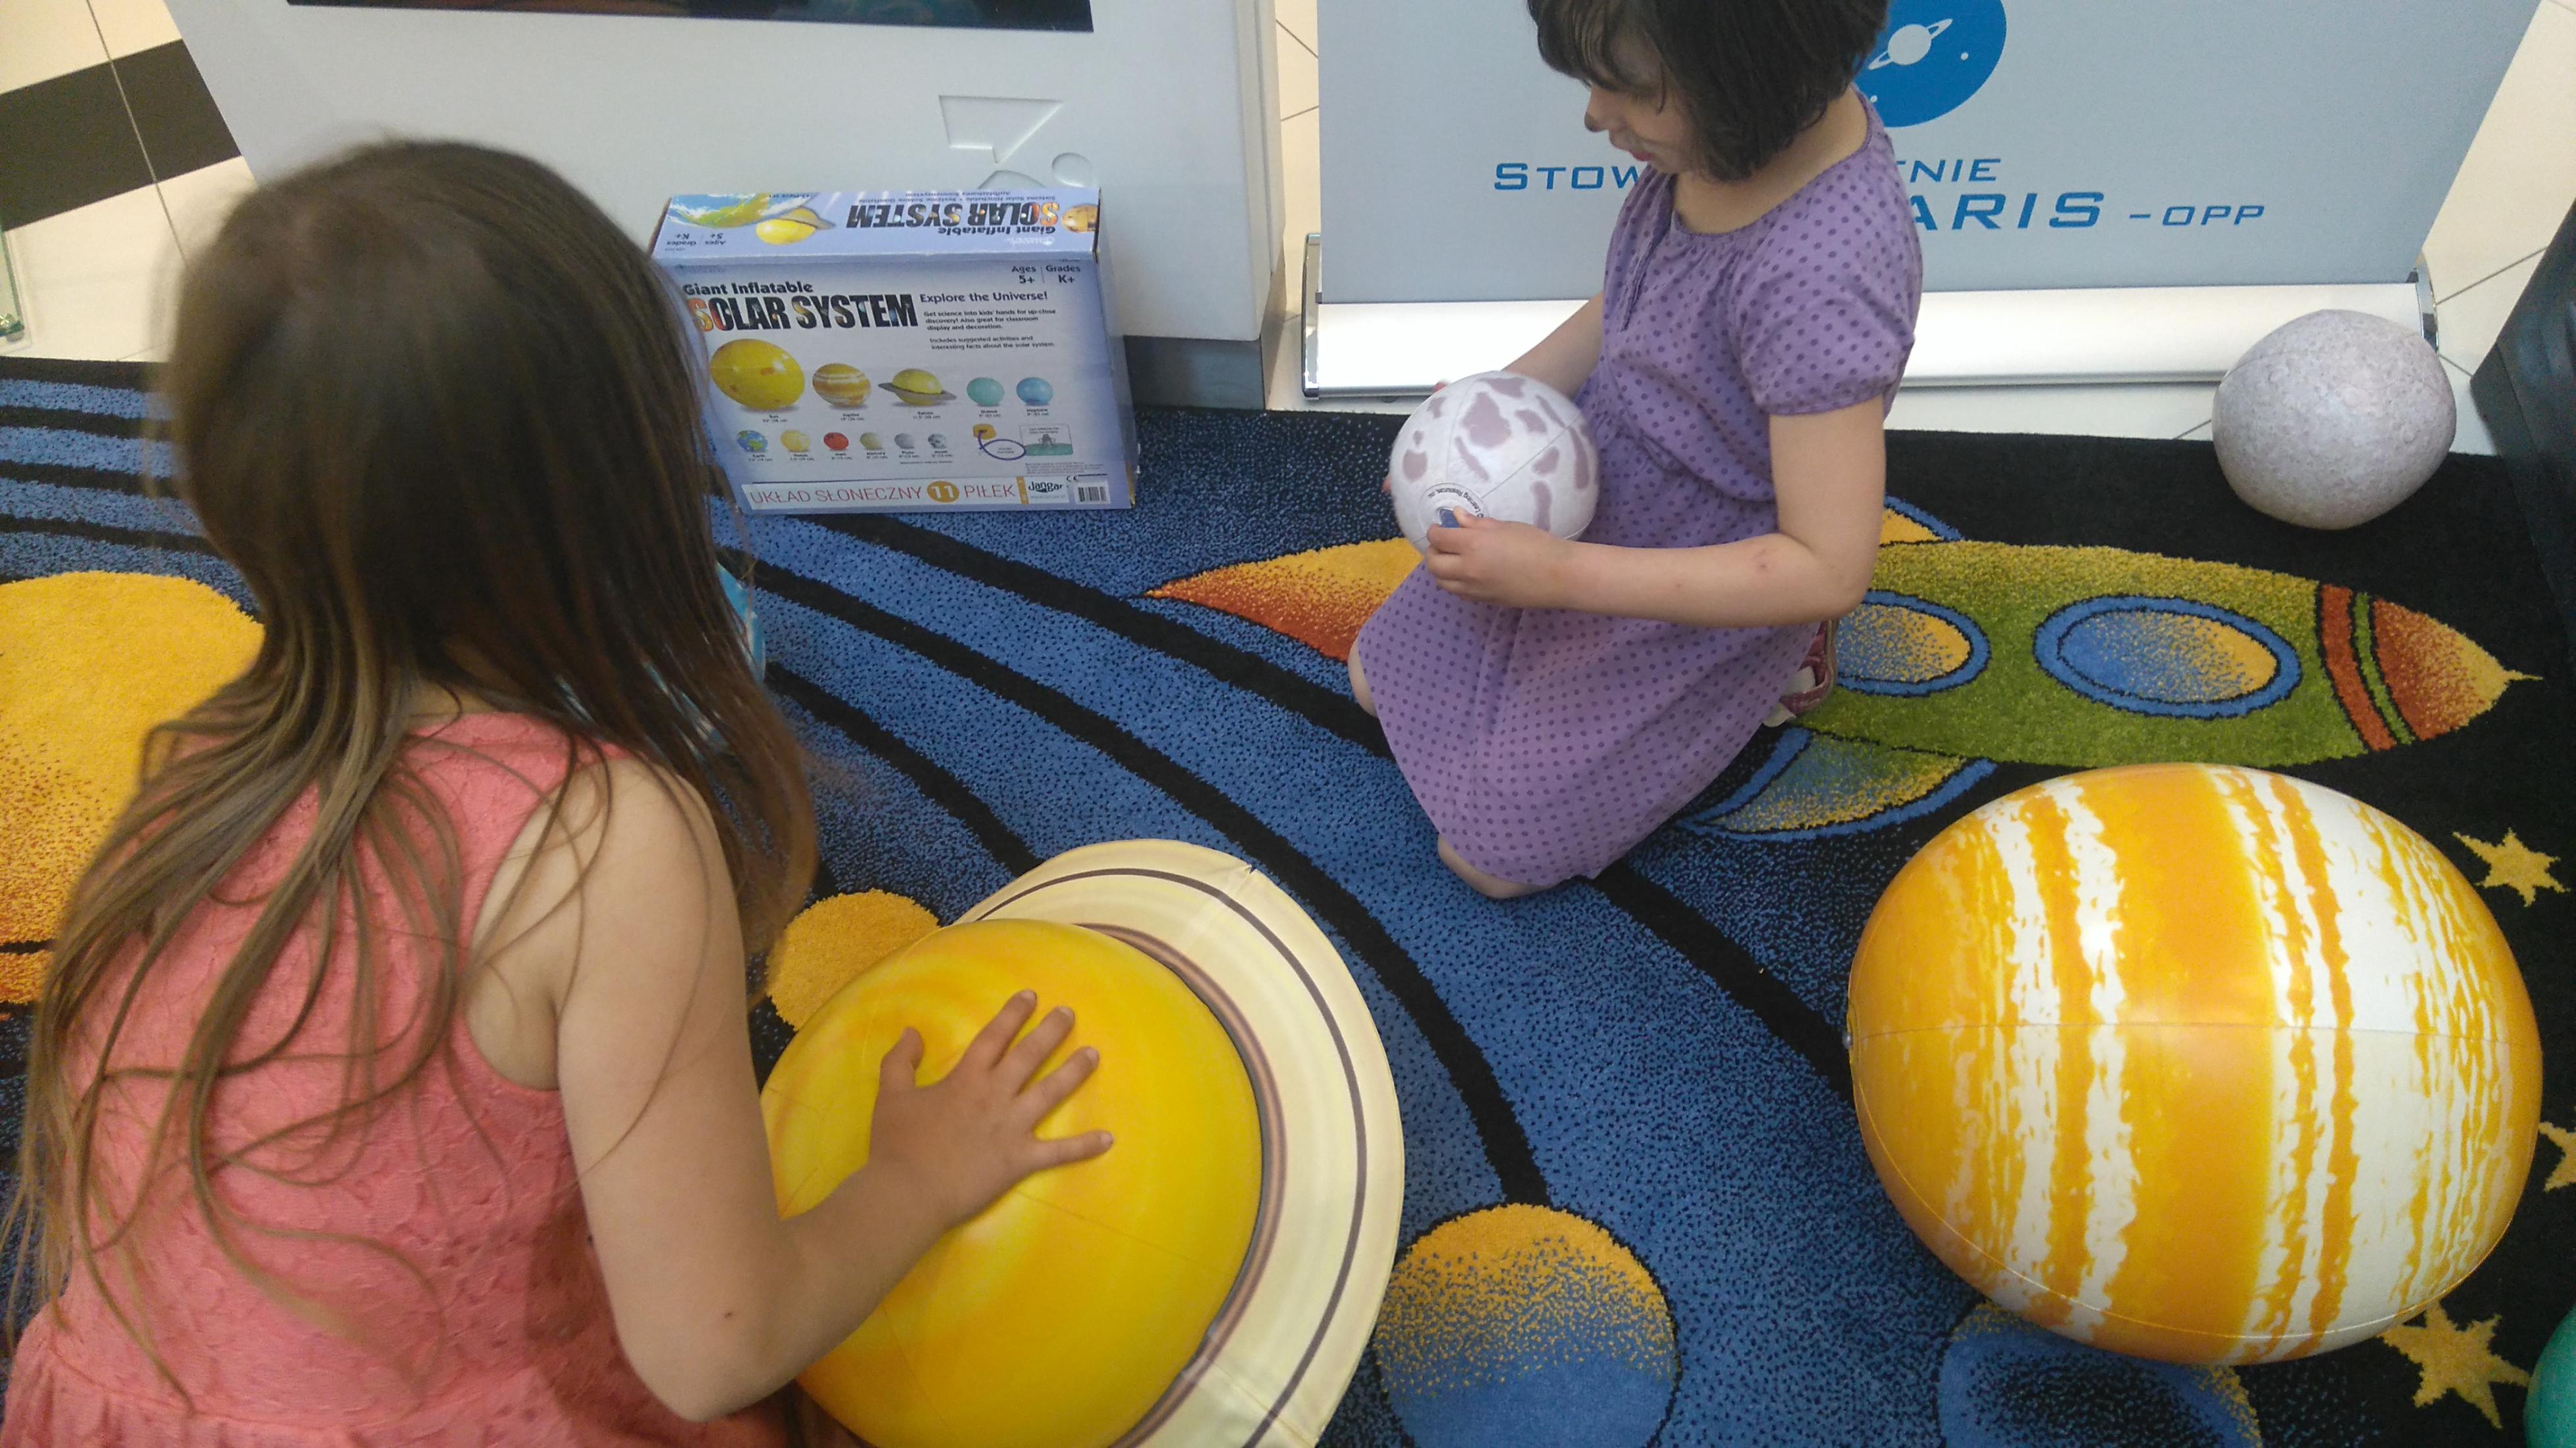 zabawa w budowanie układu słonecznego - piłki odzwierciedlają planety